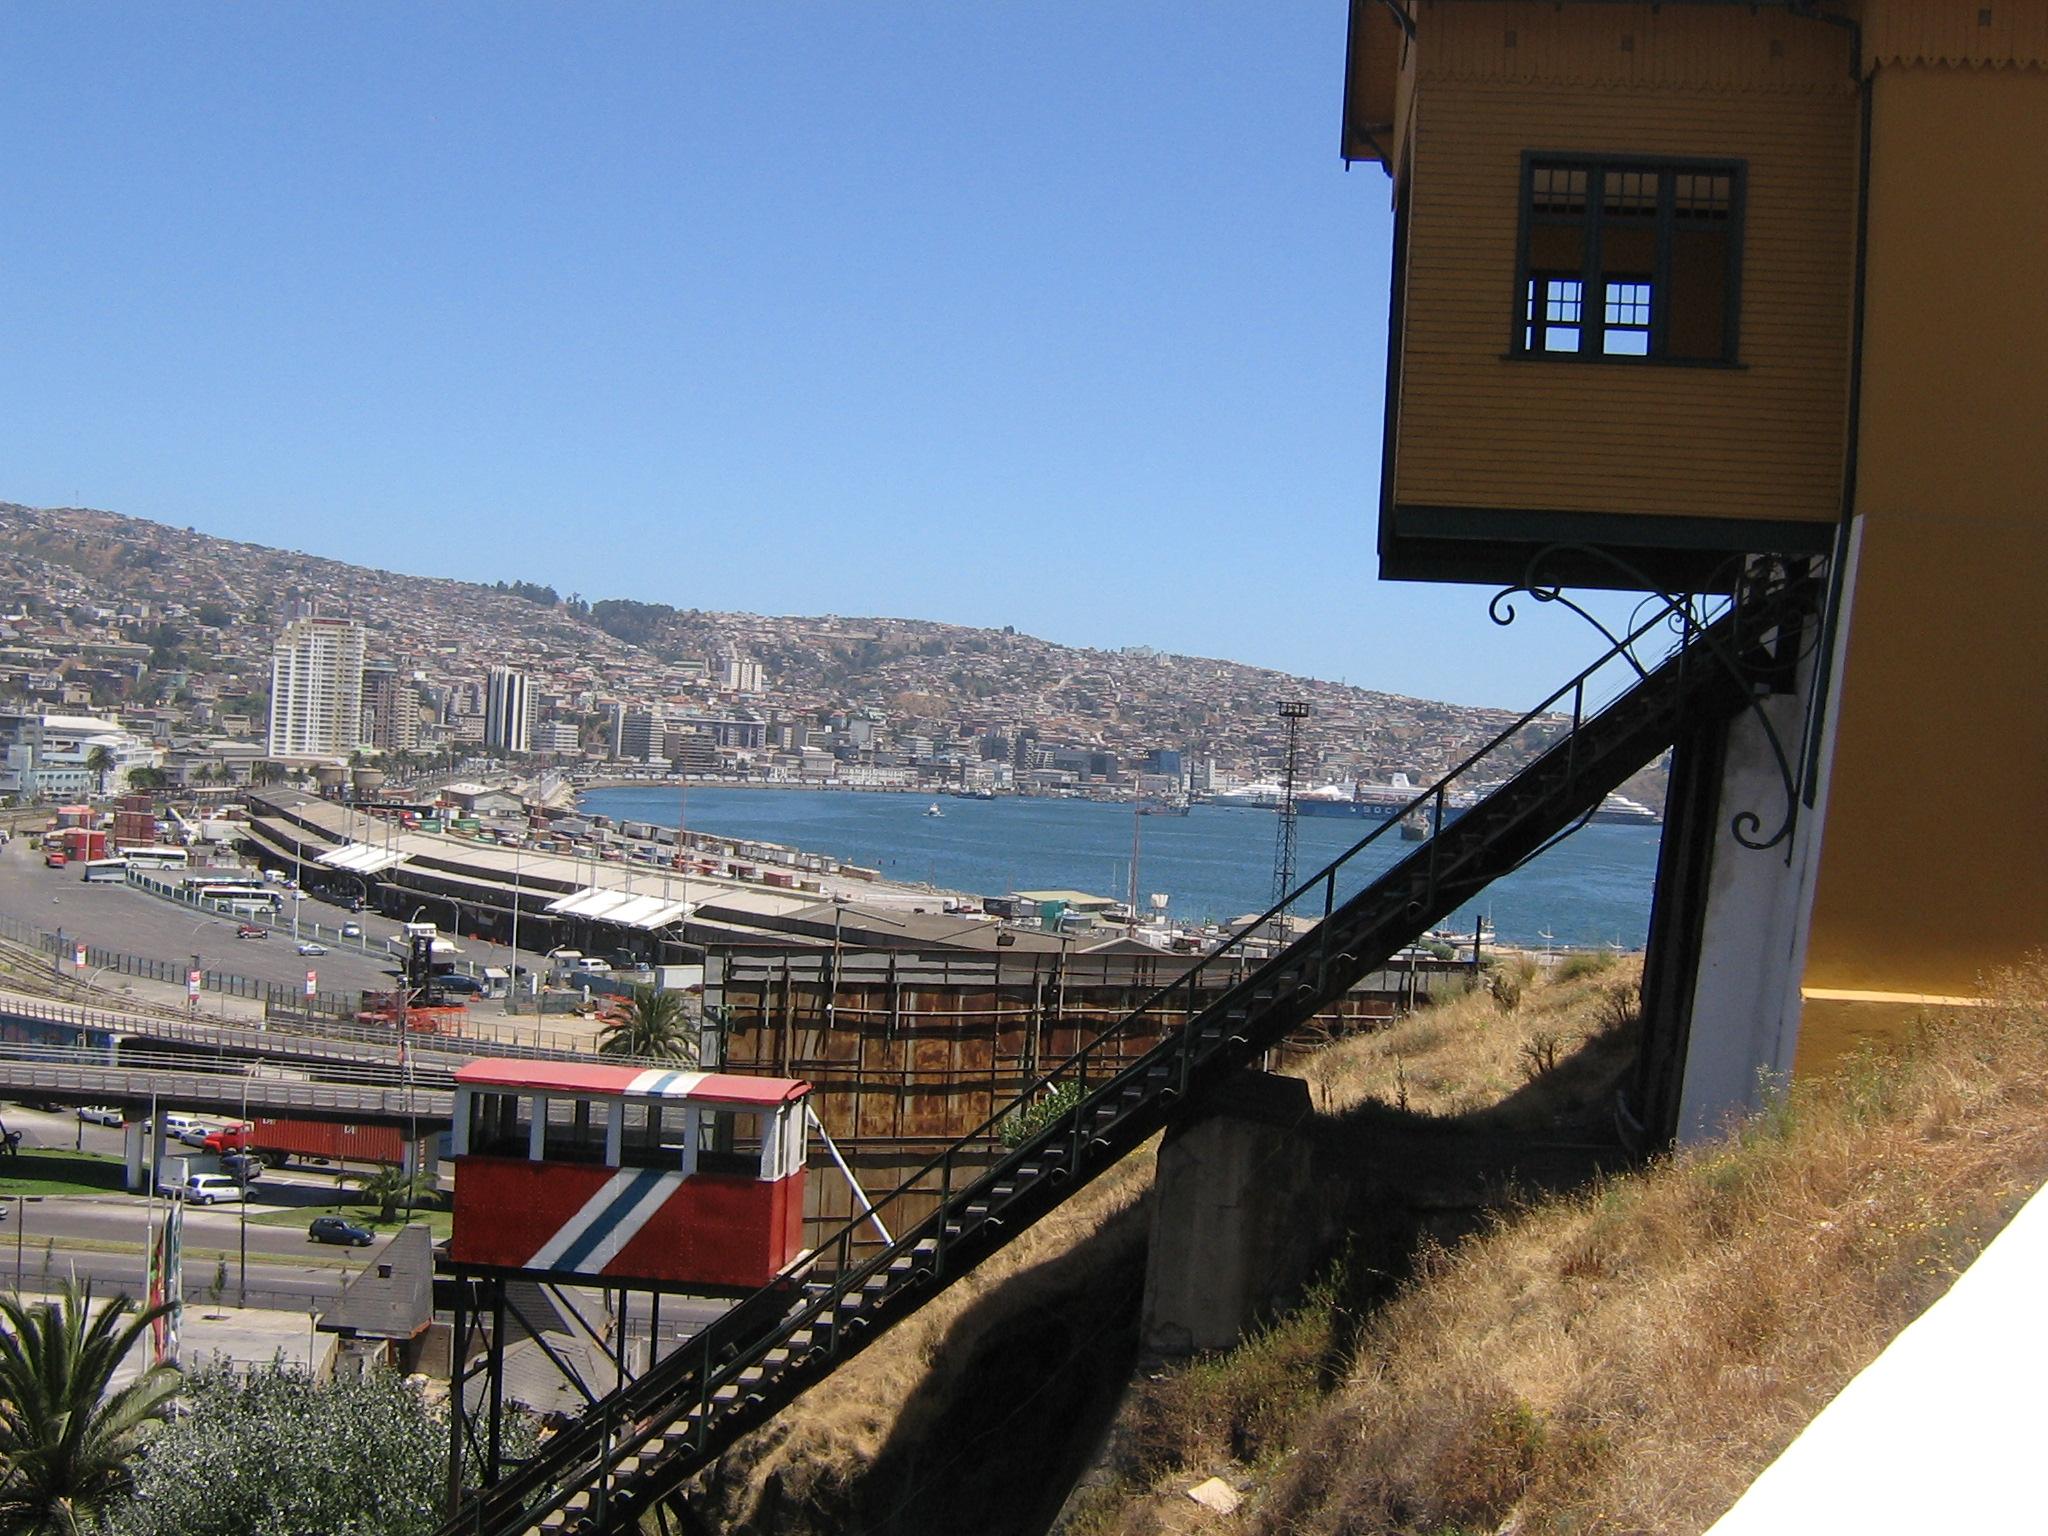 Bucht von Valparaiso